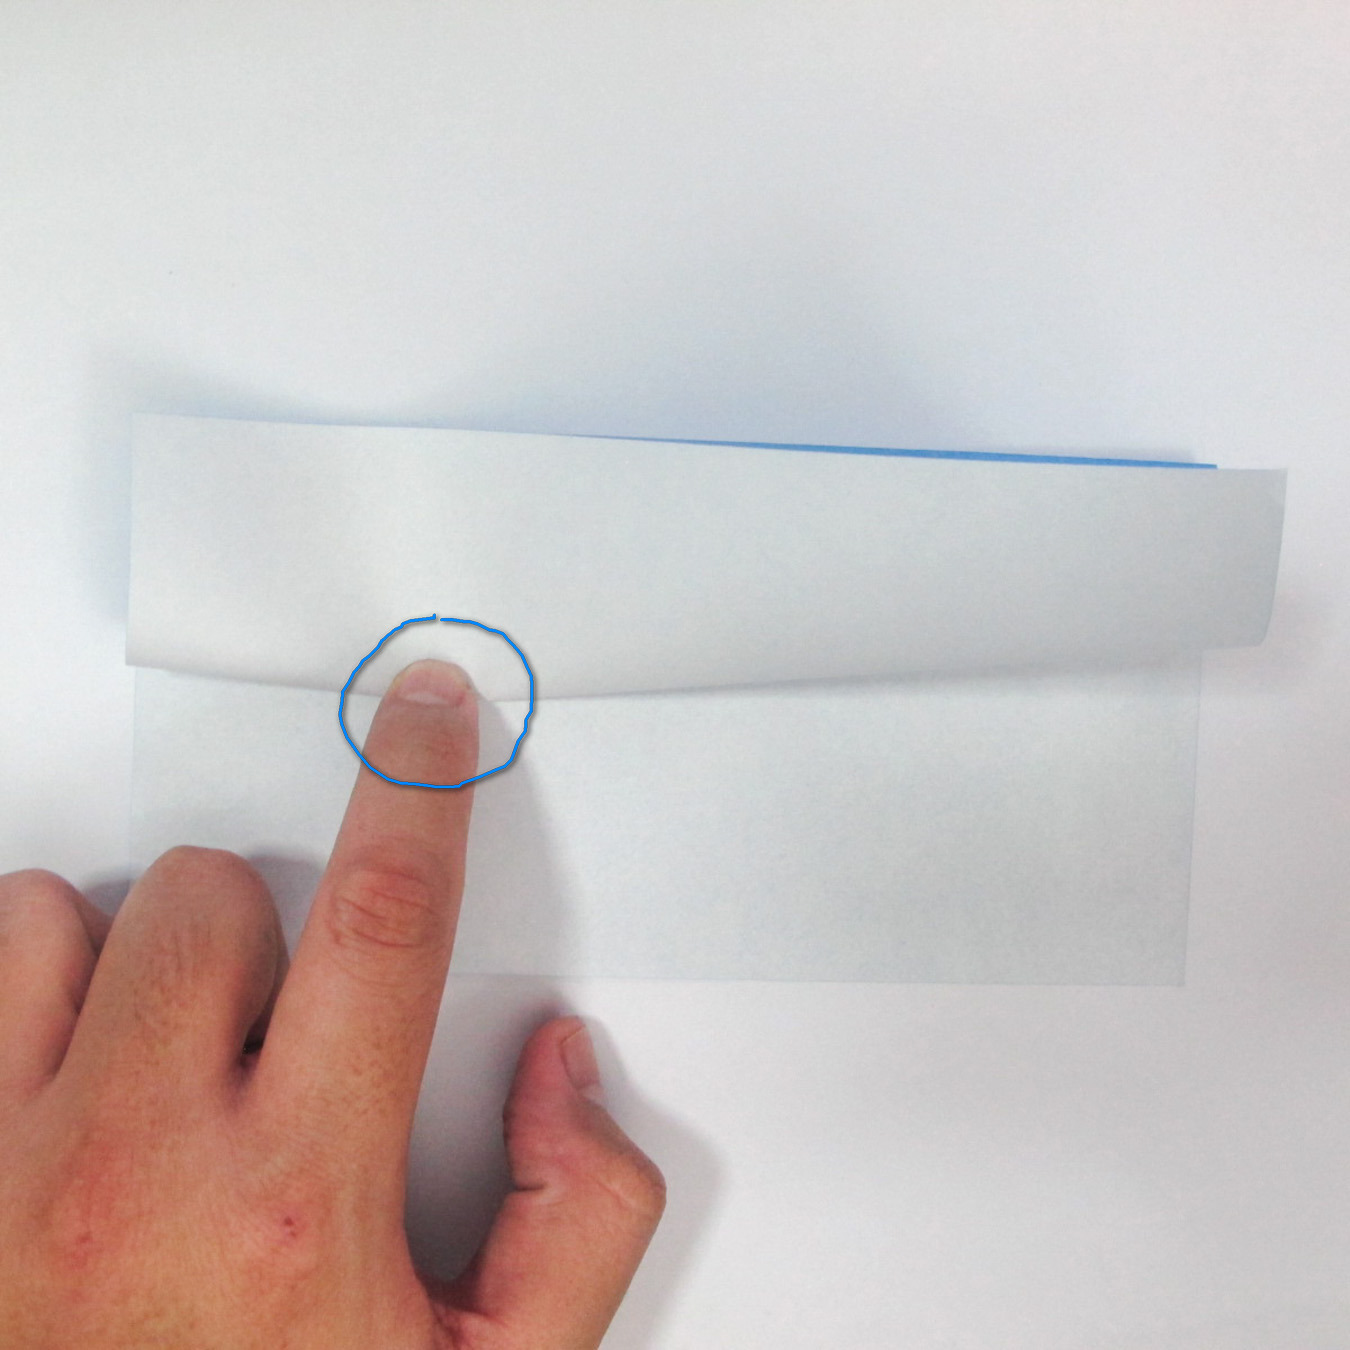 วิธีการตัดกระดาษเป็นห้าเหลี่ยมจากกระดาษสี่เหลี่ยมจตุรัส 012